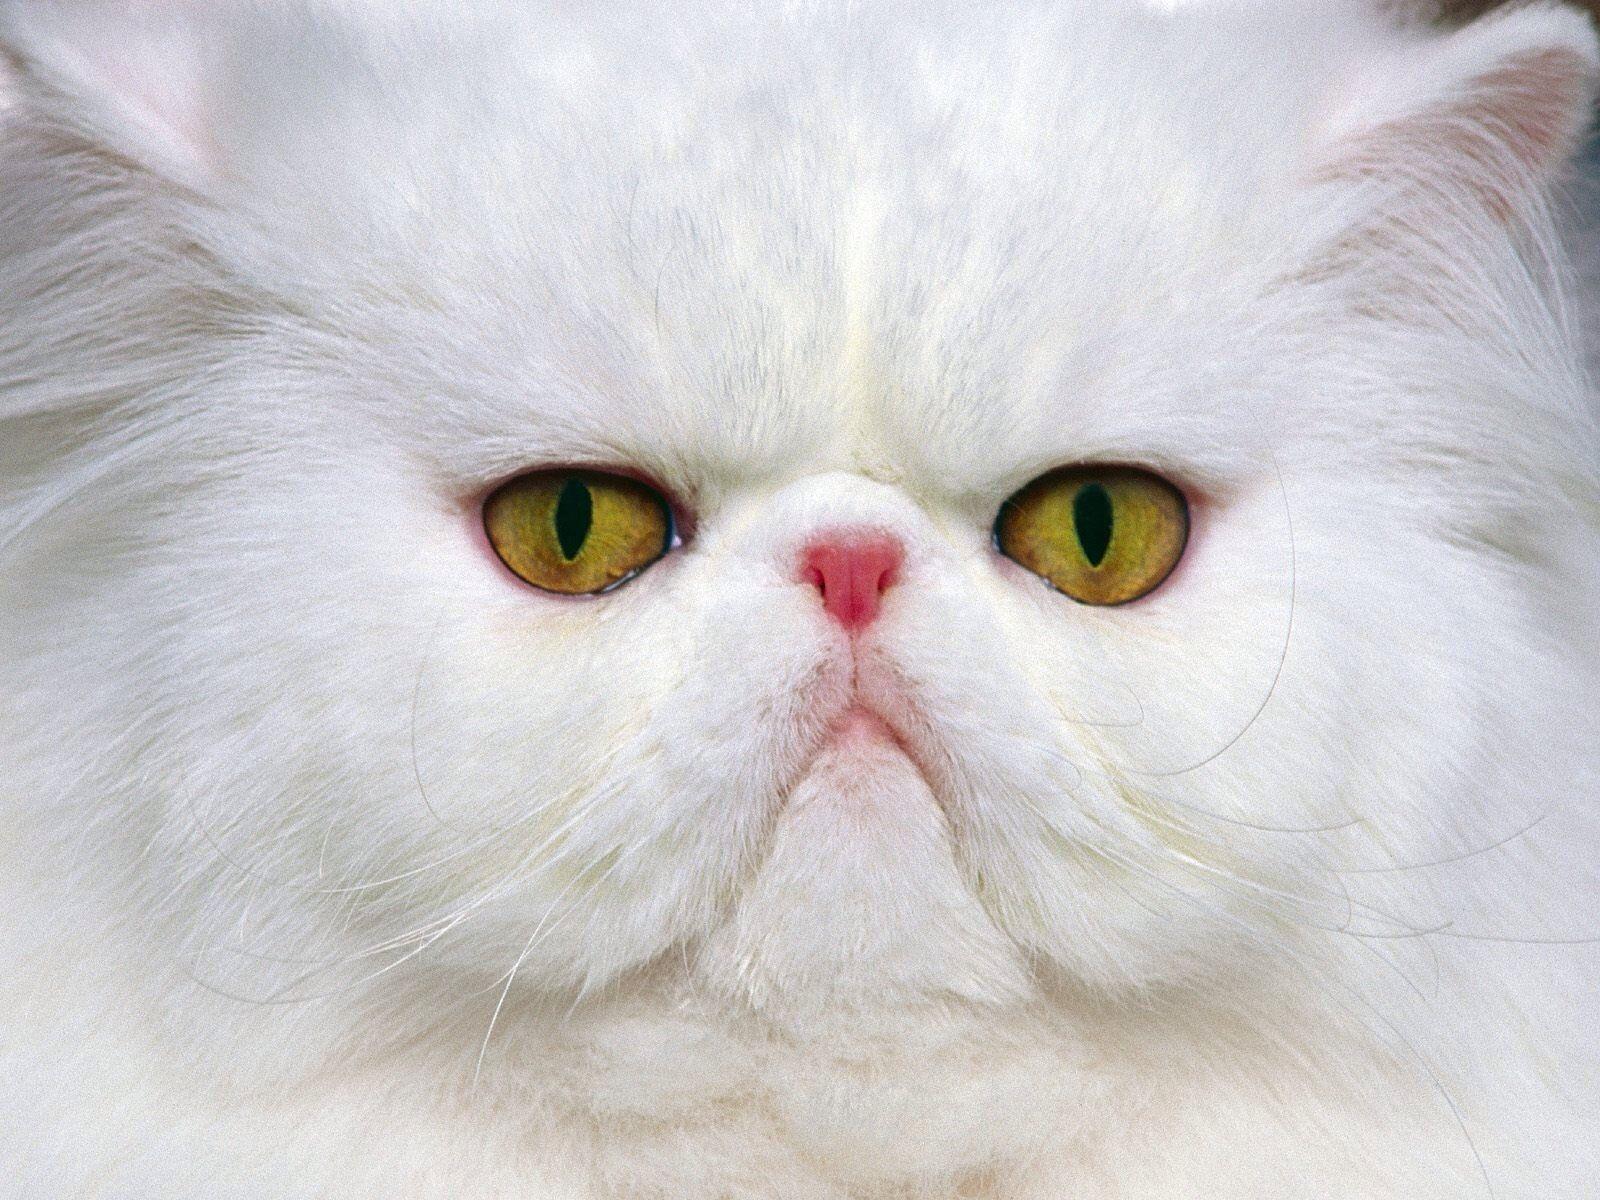 Ảnh mèo ba tư mặt tịt